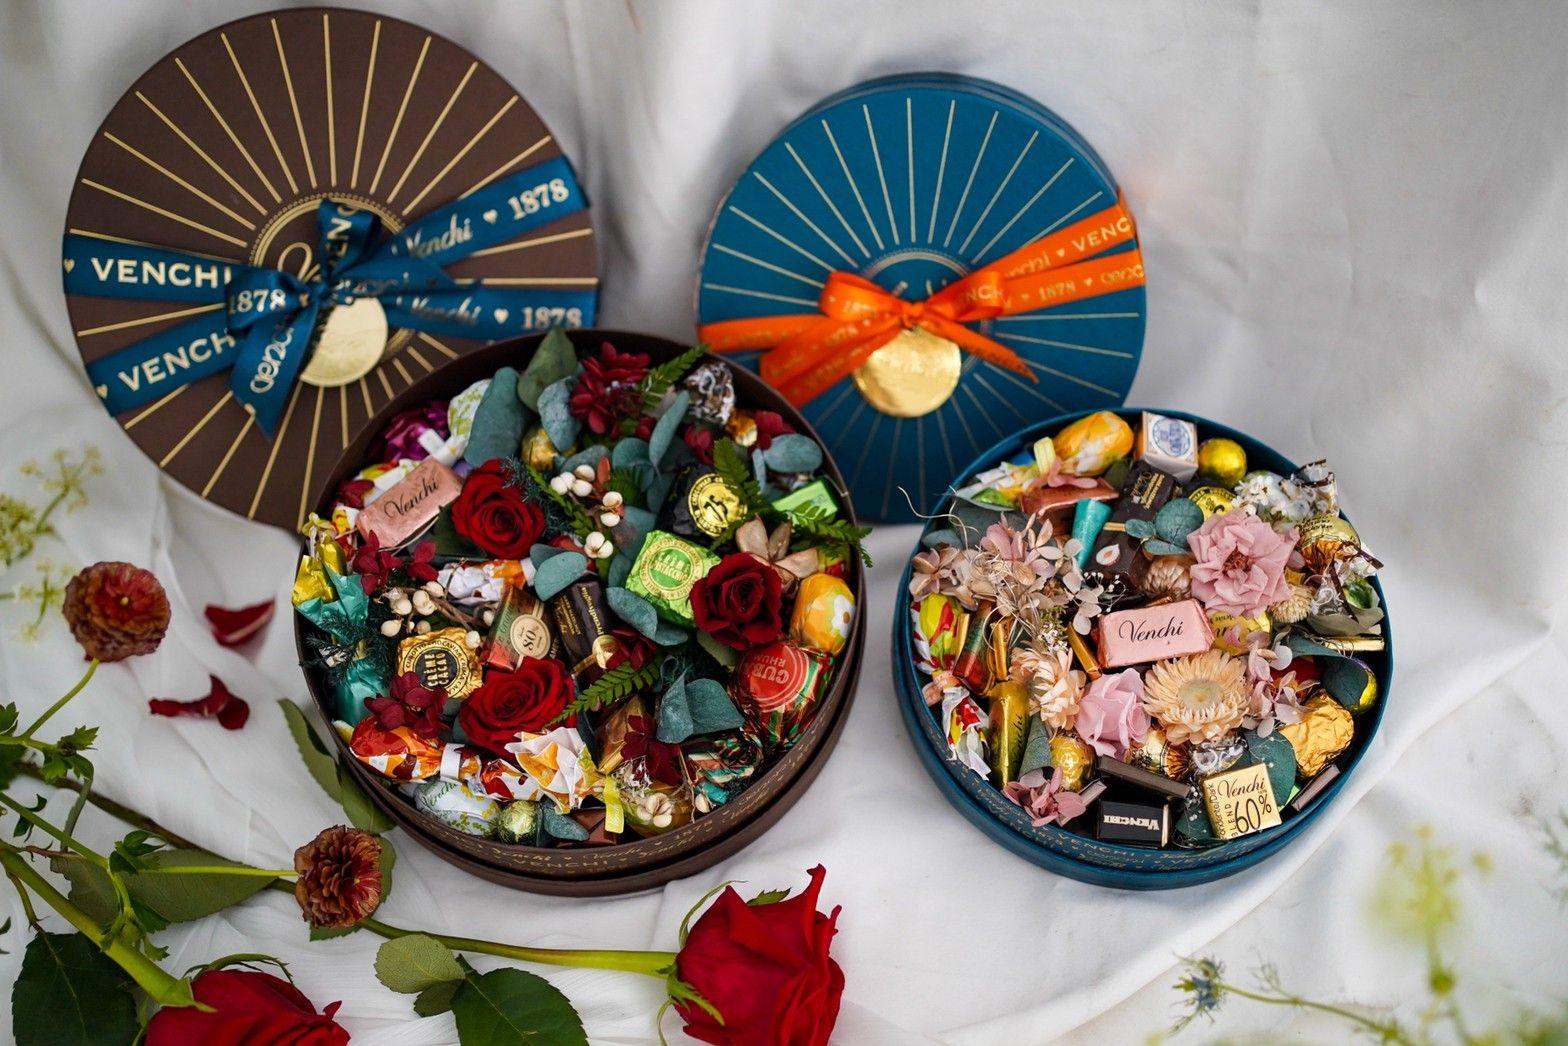 2021母親節禮物推薦:製造浪漫首選!義大利百年品牌Venchi推巧克力玫瑰花禮